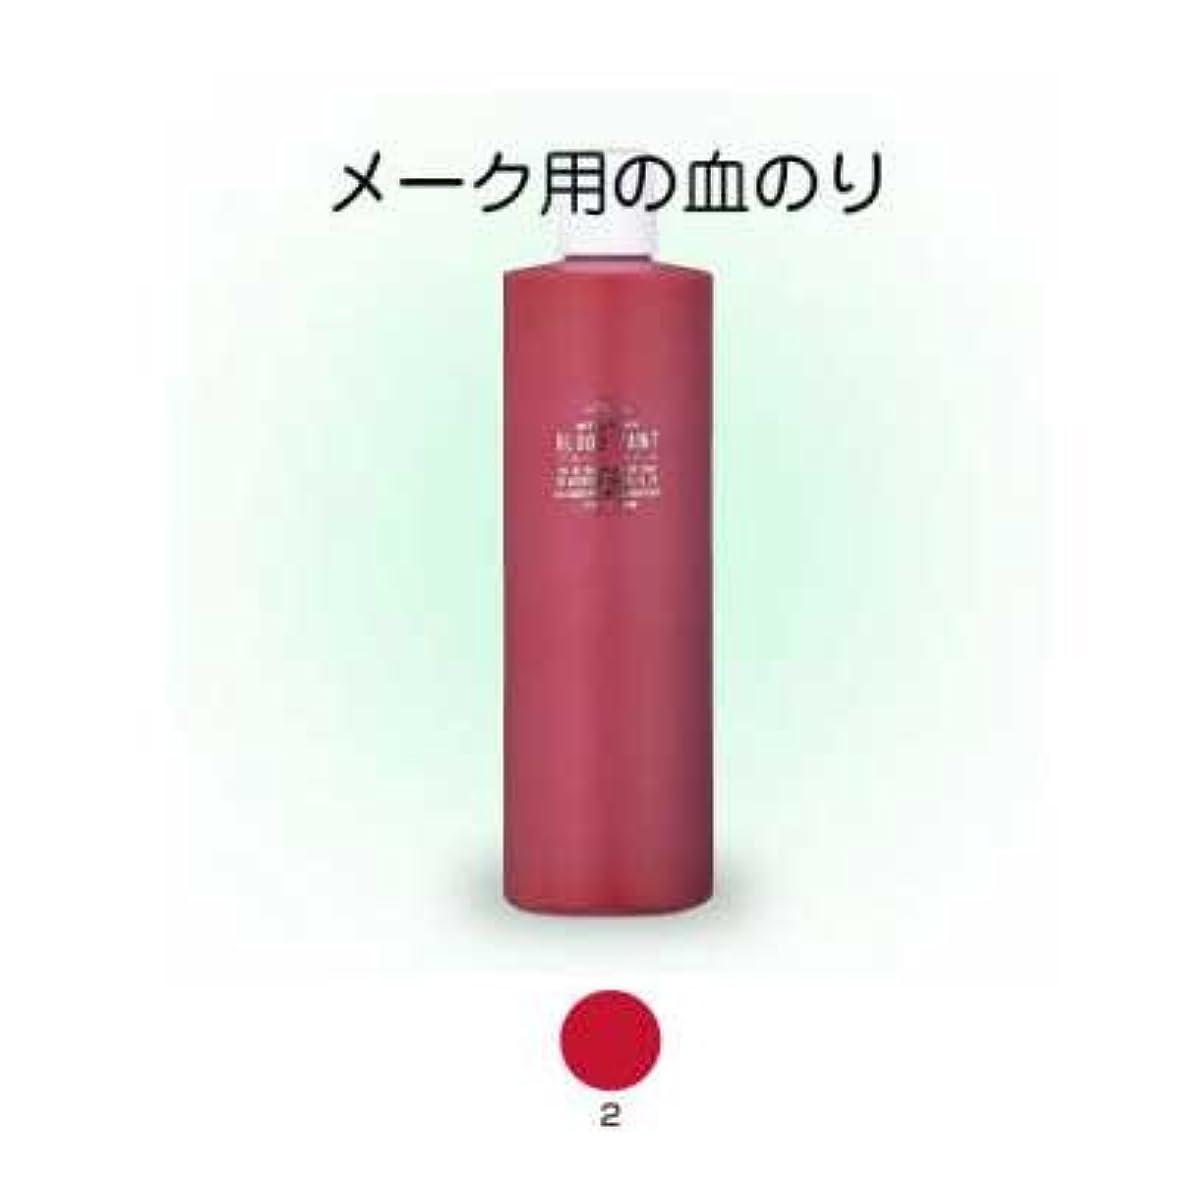 熱心豚転送ブロードペイント(メークアップ用の血のり)500ml 2【三善】